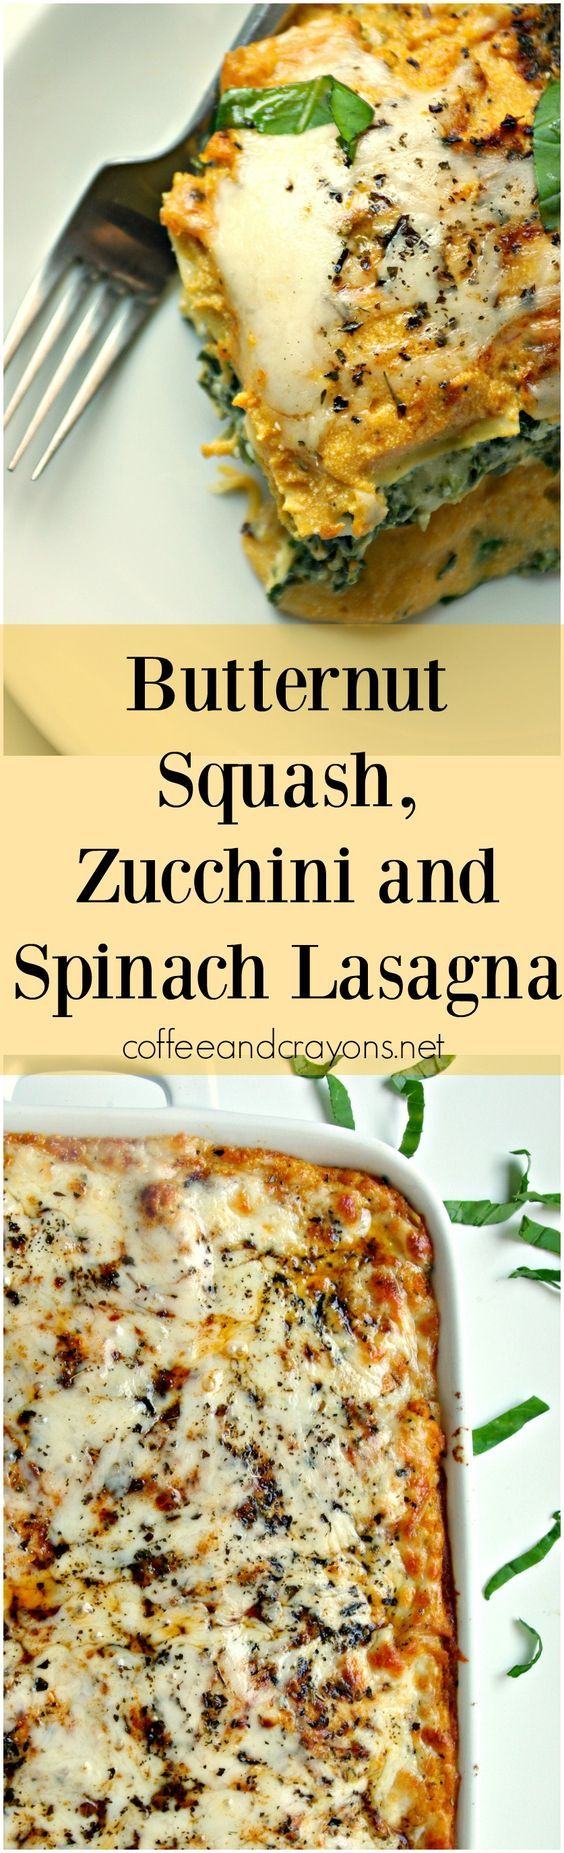 Butternut Squash Zucchini and Spinach Lasagna